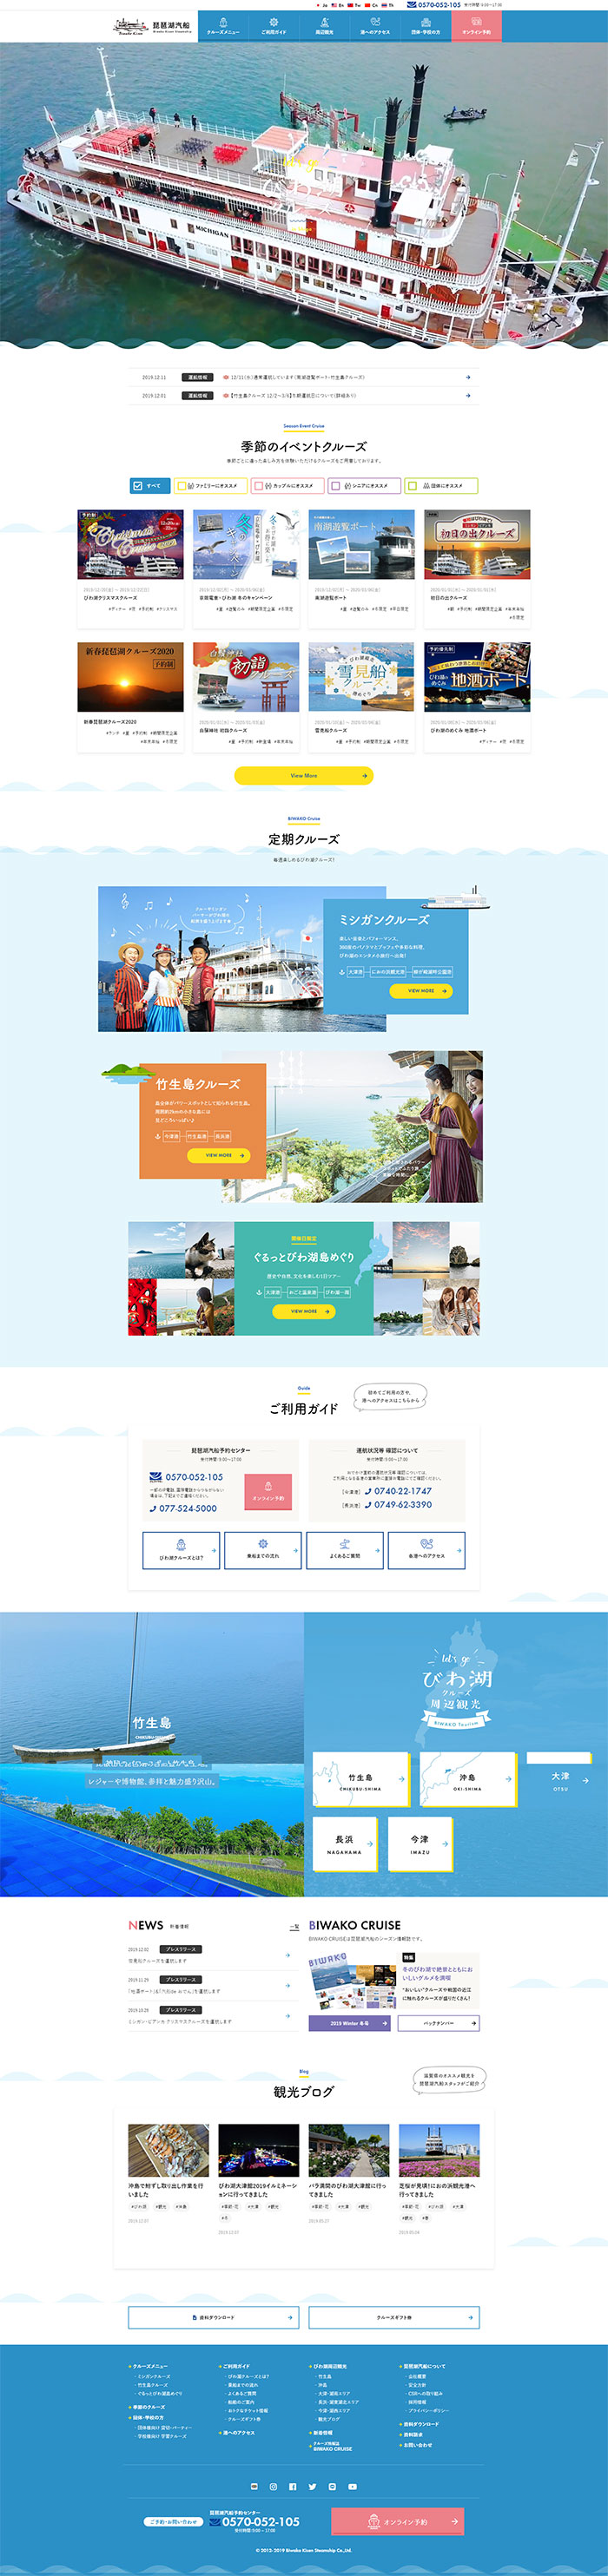 琵琶湖観光・レジャーならびわ湖クルーズ|琵琶湖汽船(公式)